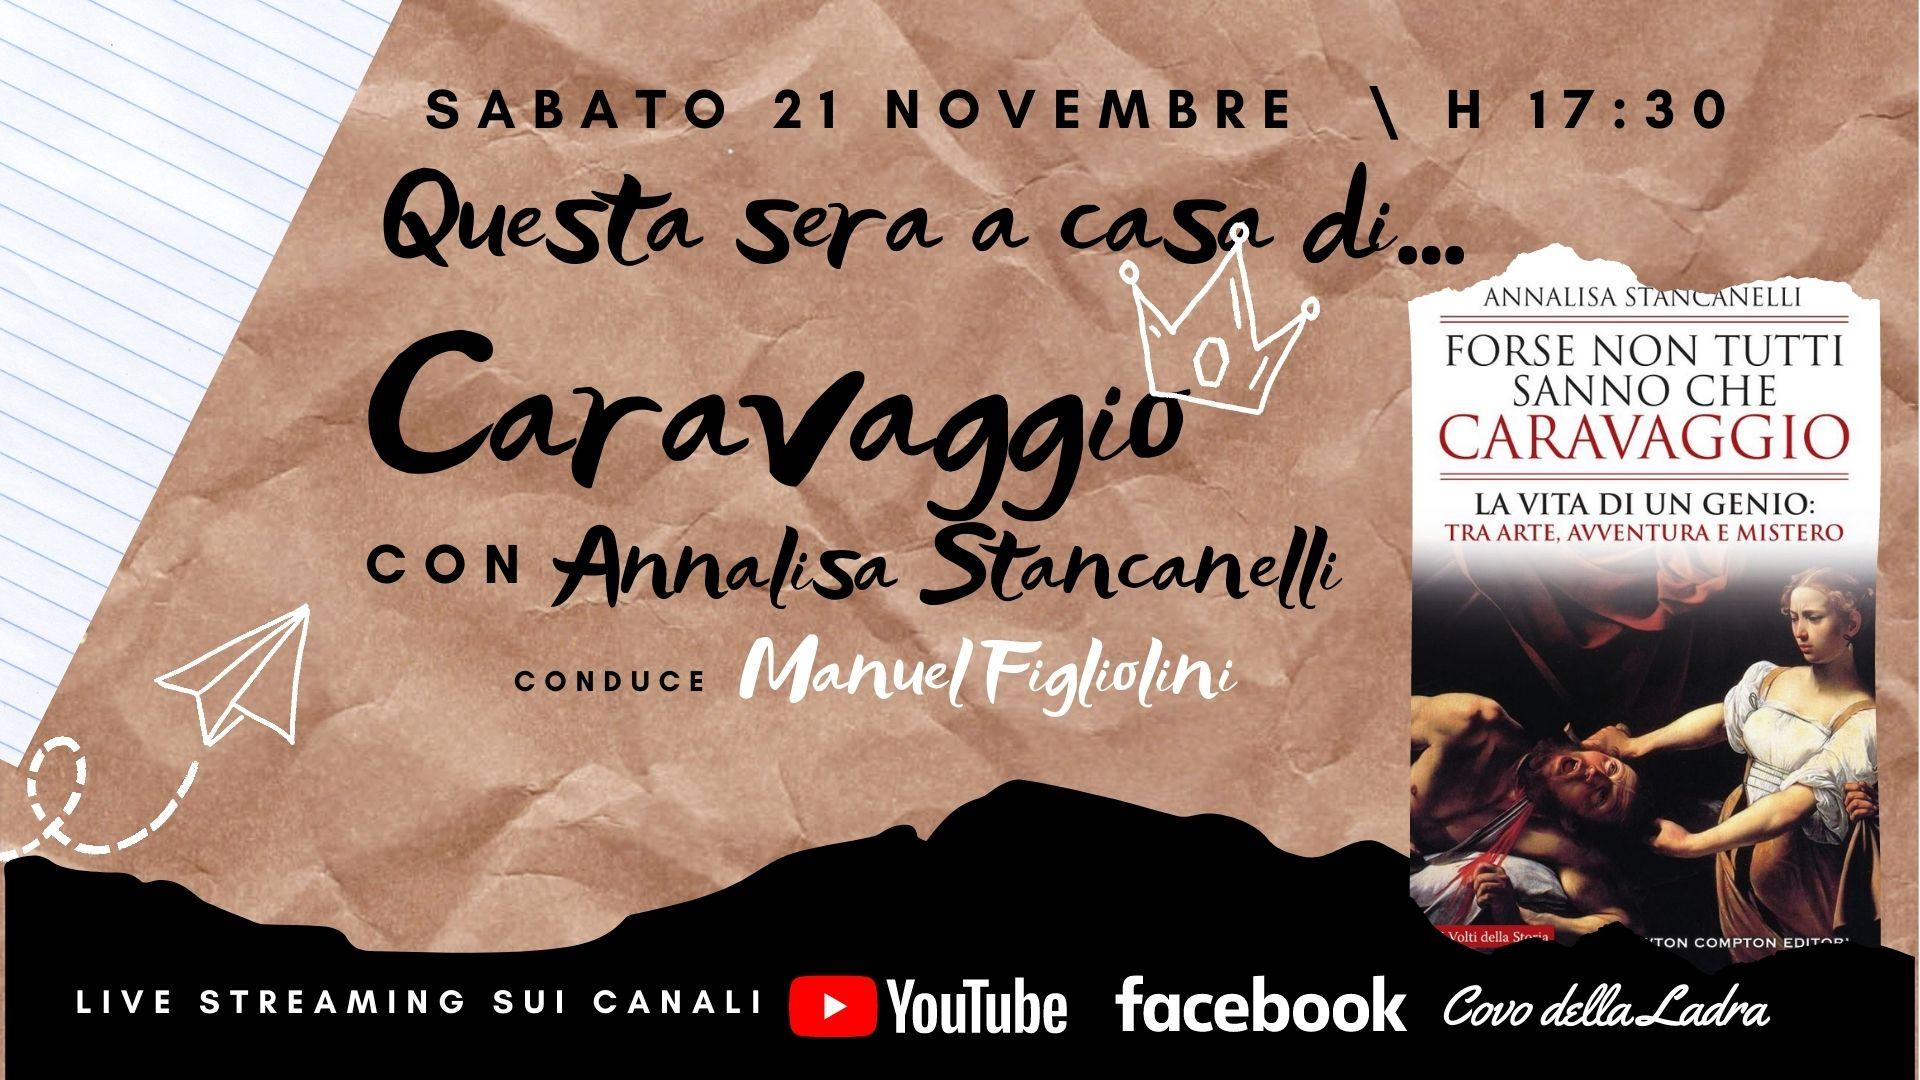 Questa sera a casa di… Caravaggio (con Annalisa Stancanelli)